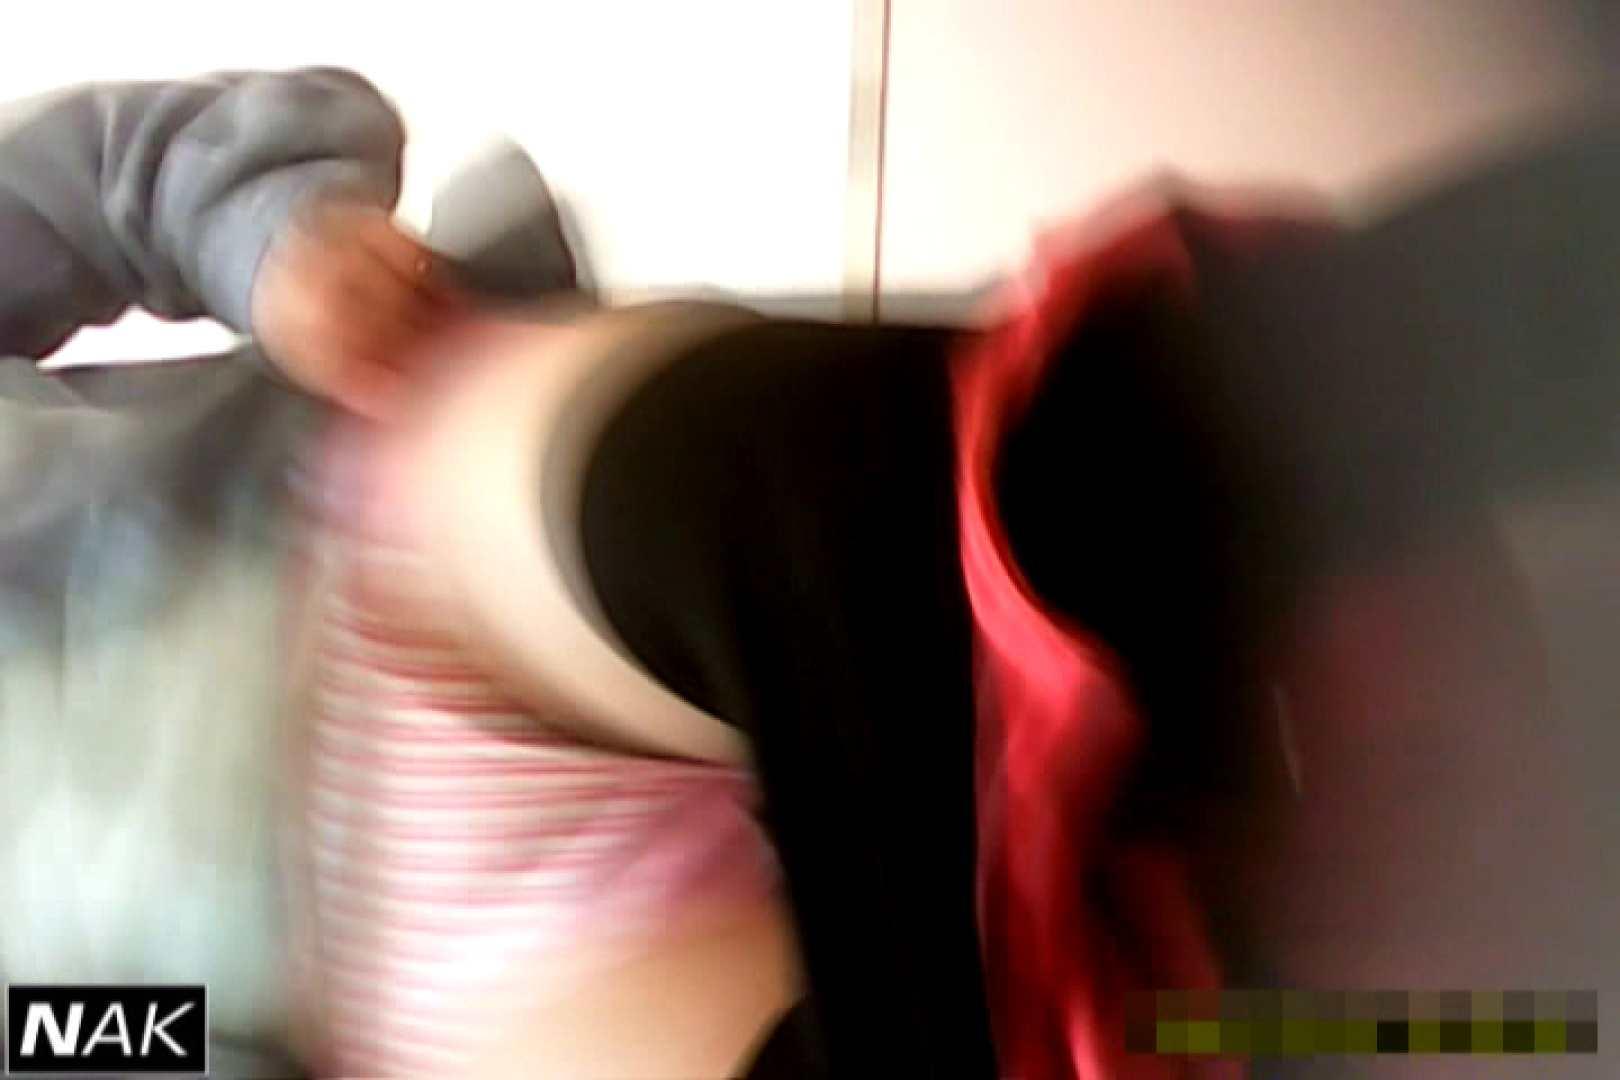 超高画質5000K!脅威の2点かわや! vol.07 マンコ・ムレムレ ぱこり動画紹介 74pic 27